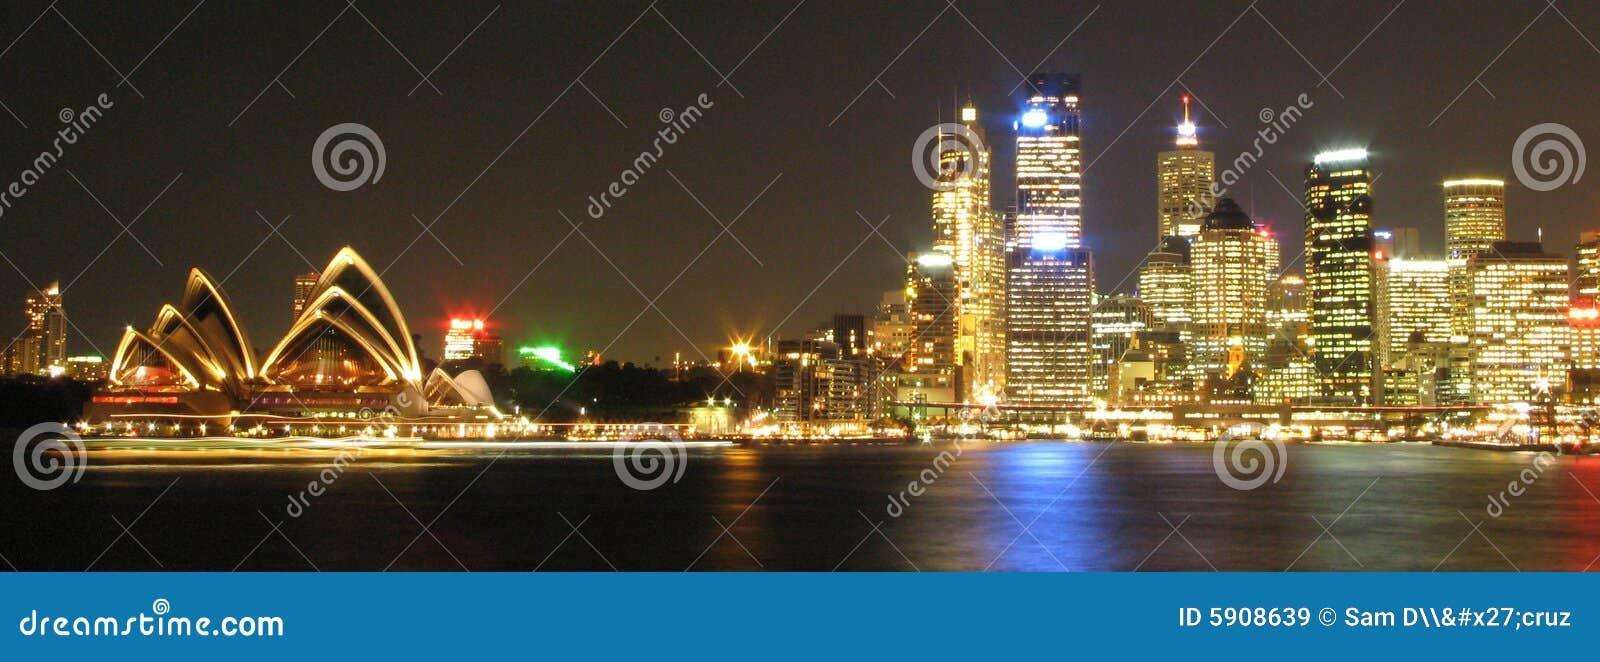 Sydney by night, Australia